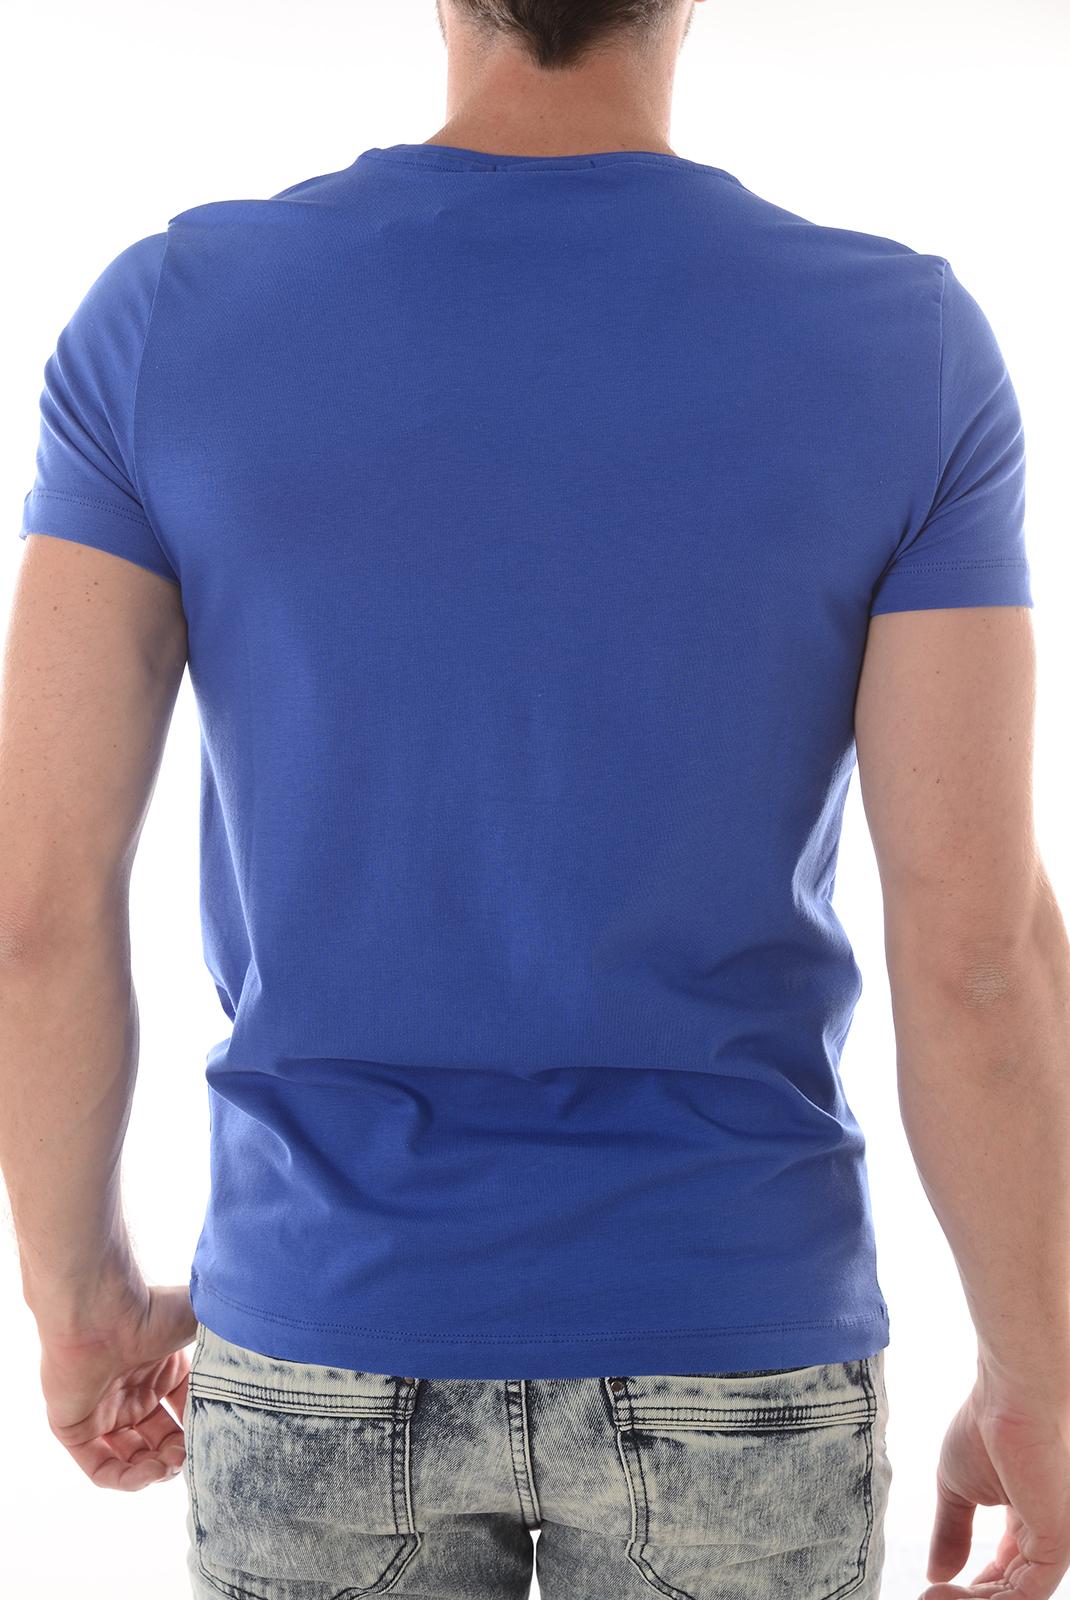 Tee-shirts  Redskins RAFTING CALDER 2 DAZZING BLUE